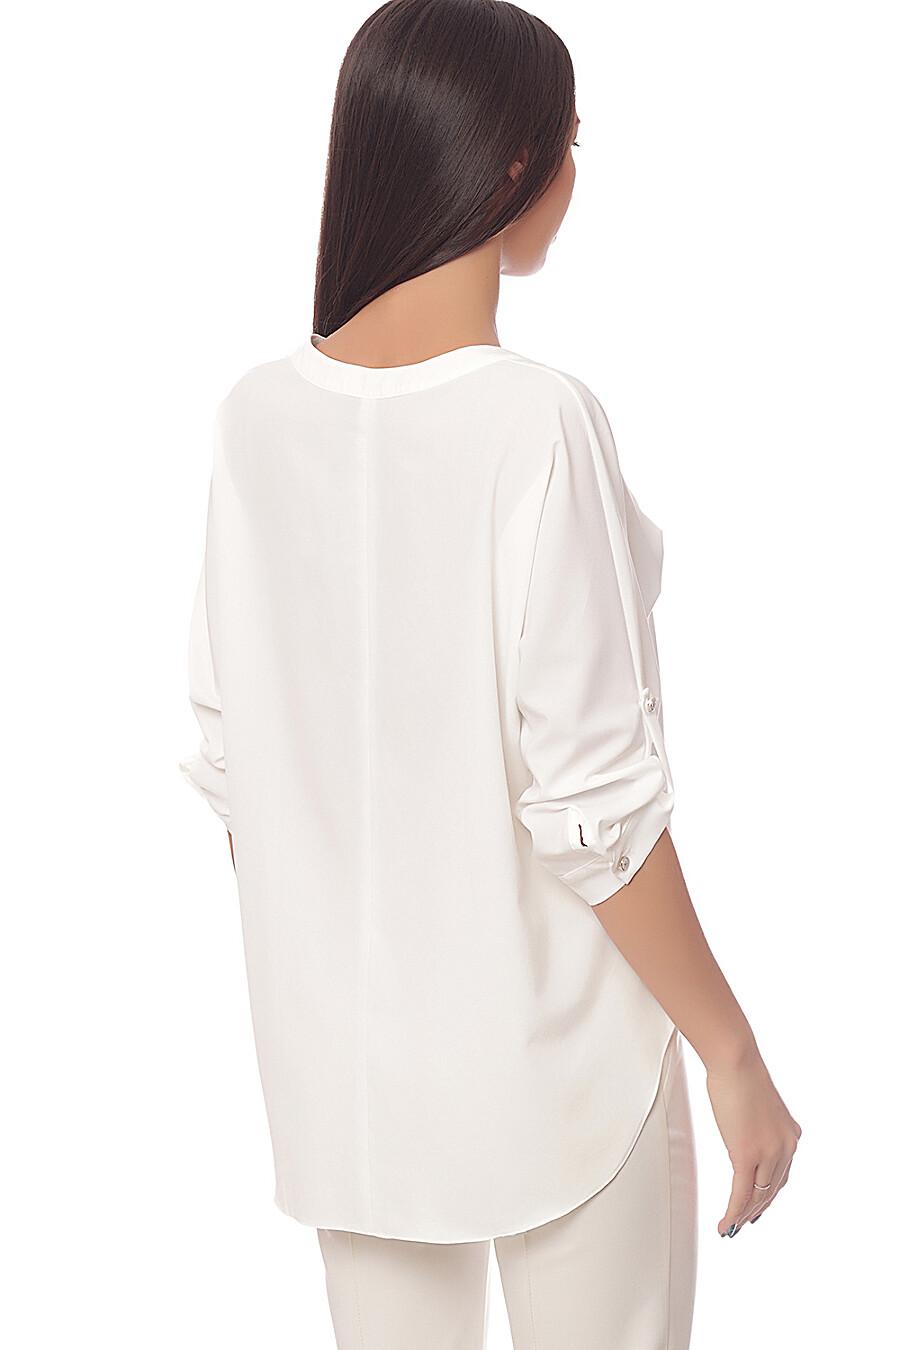 Блуза TuTachi (62496), купить в Moyo.moda